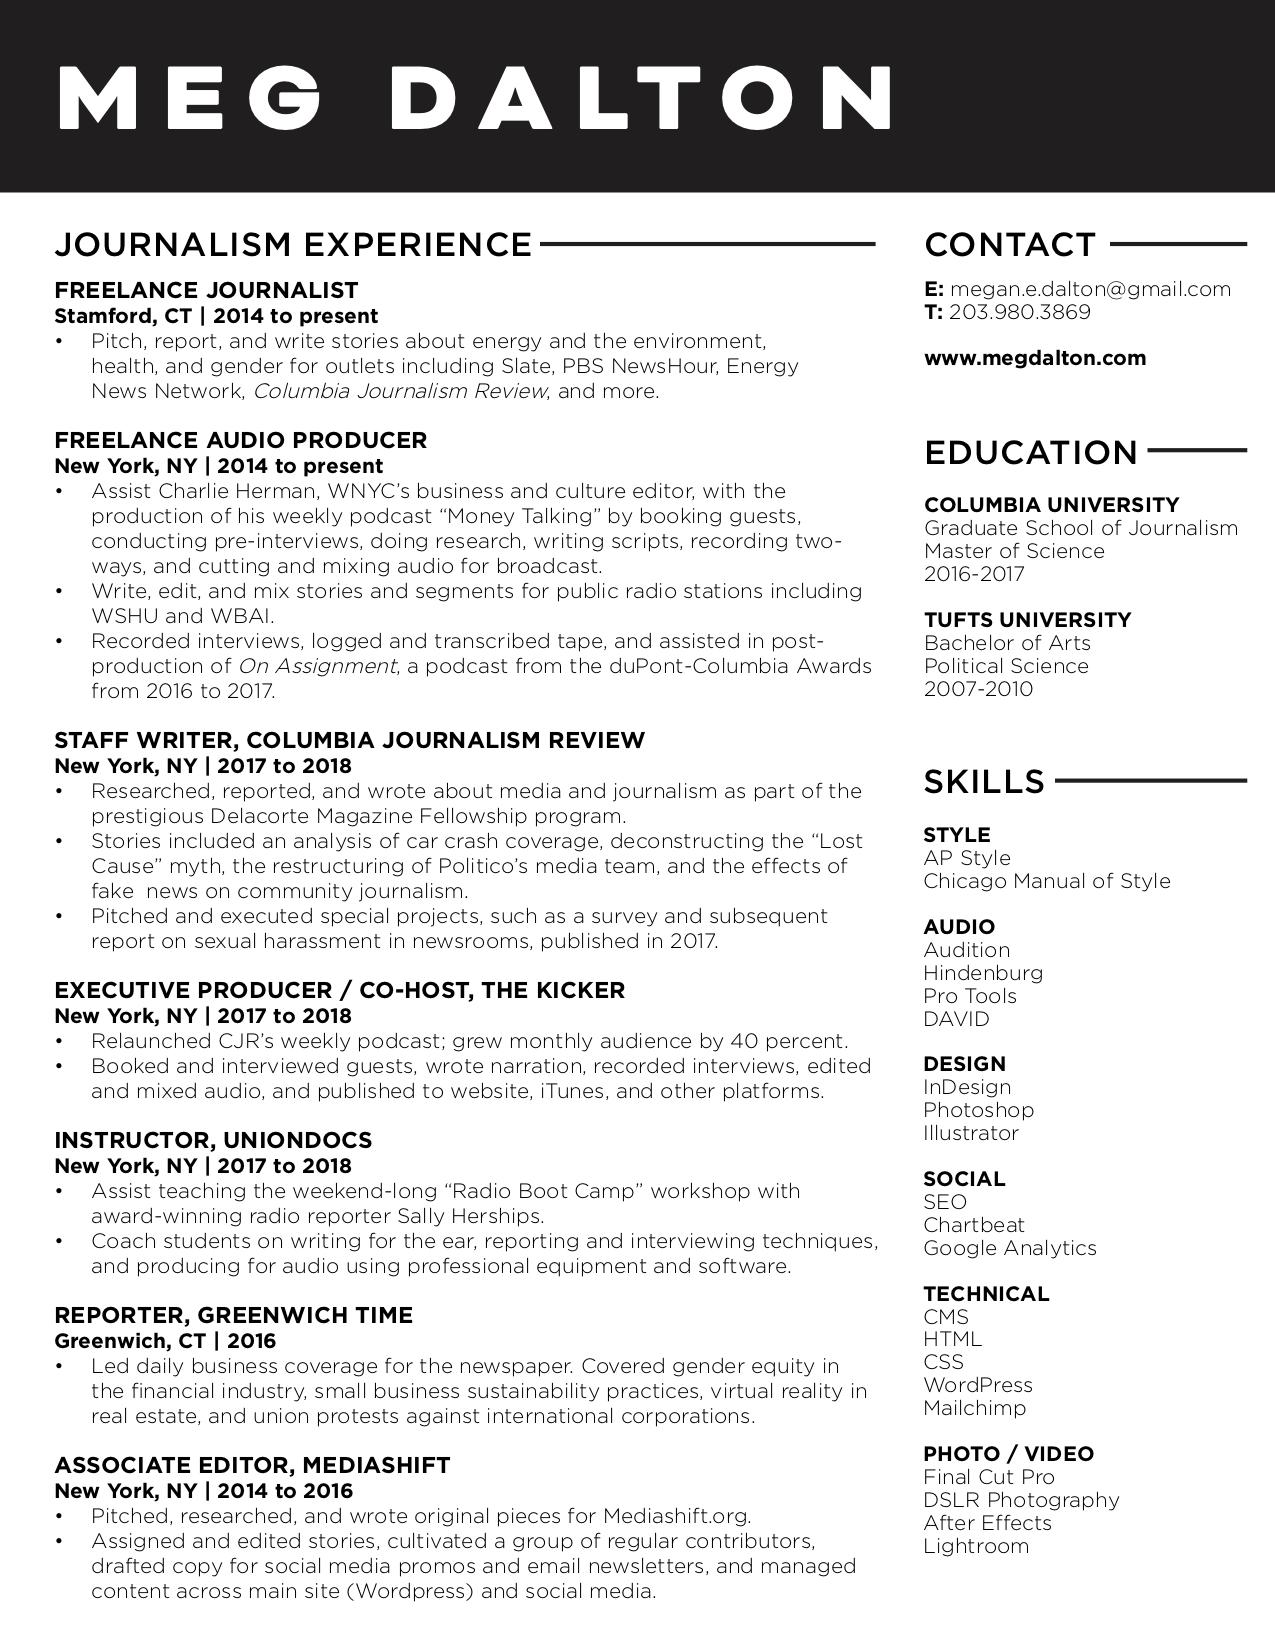 Dalton-resume.jpg